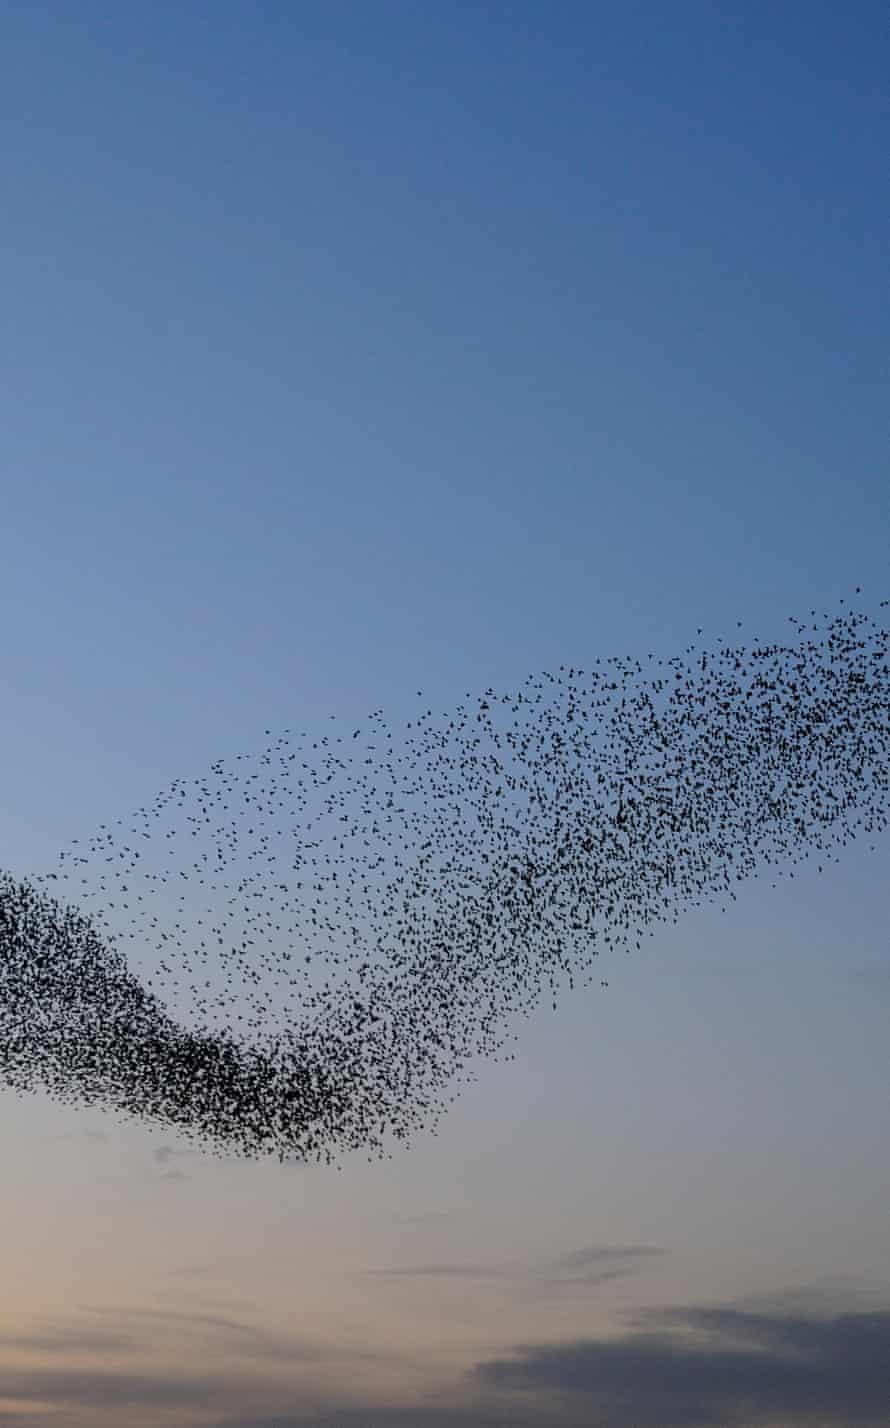 Starling, Sturnus vulgaris, murmuration at RSPB Minsmere